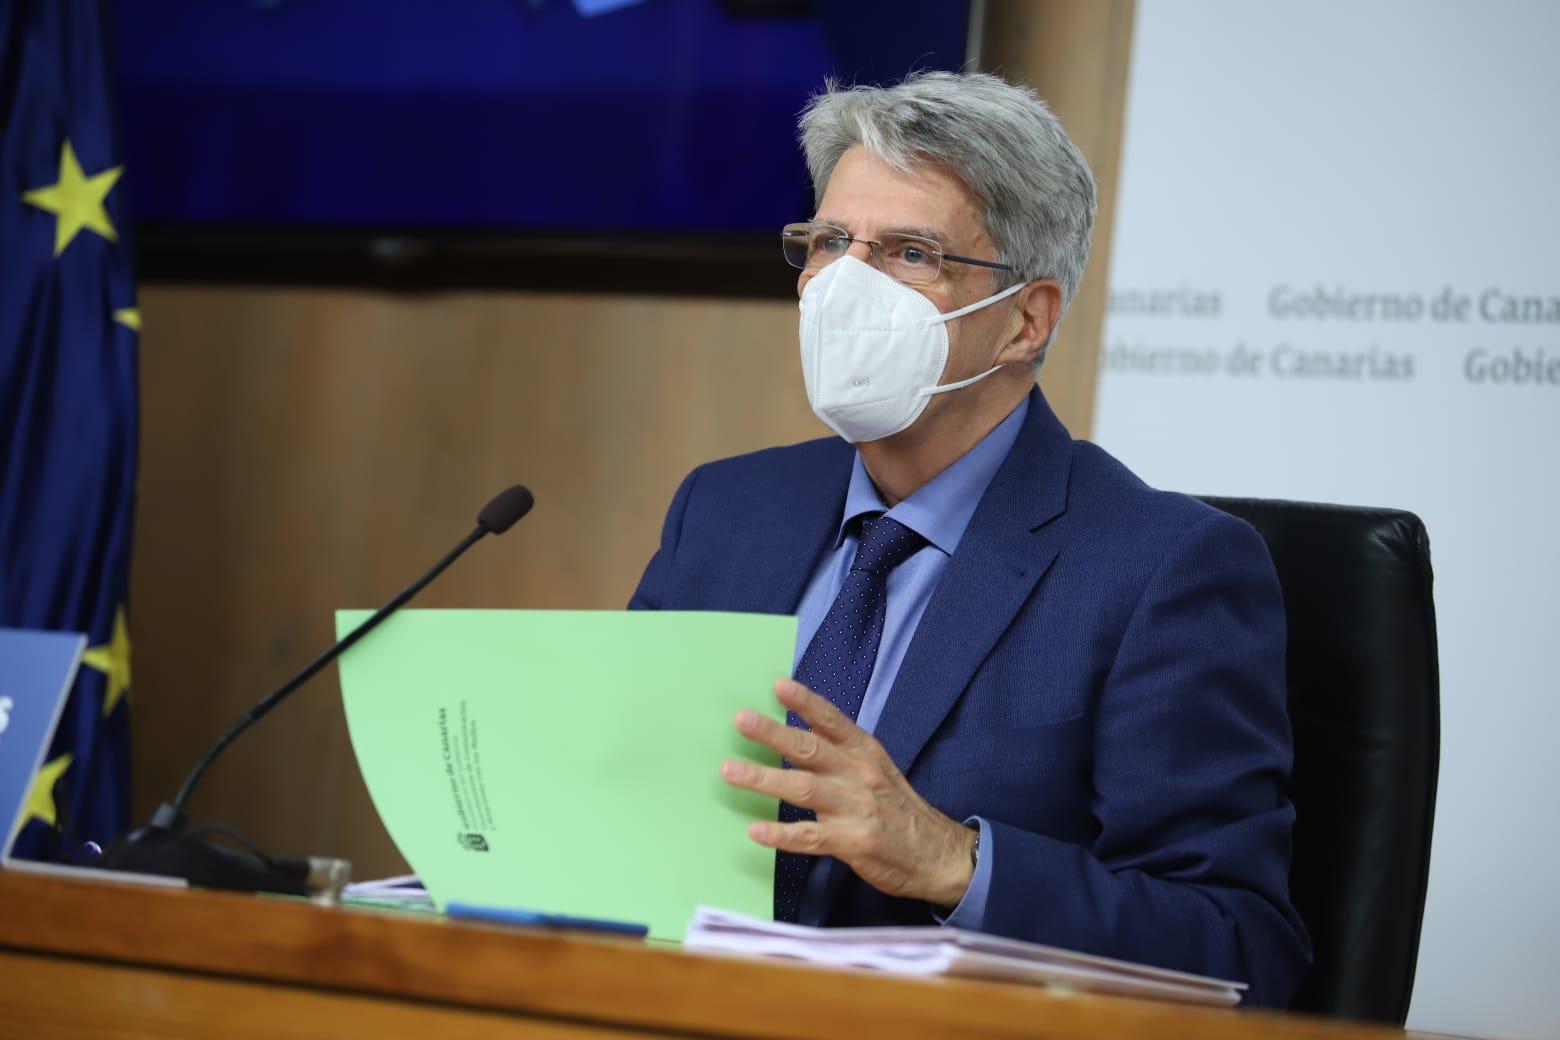 Rueda de prensa del Consejo de Gobierno de Canarias